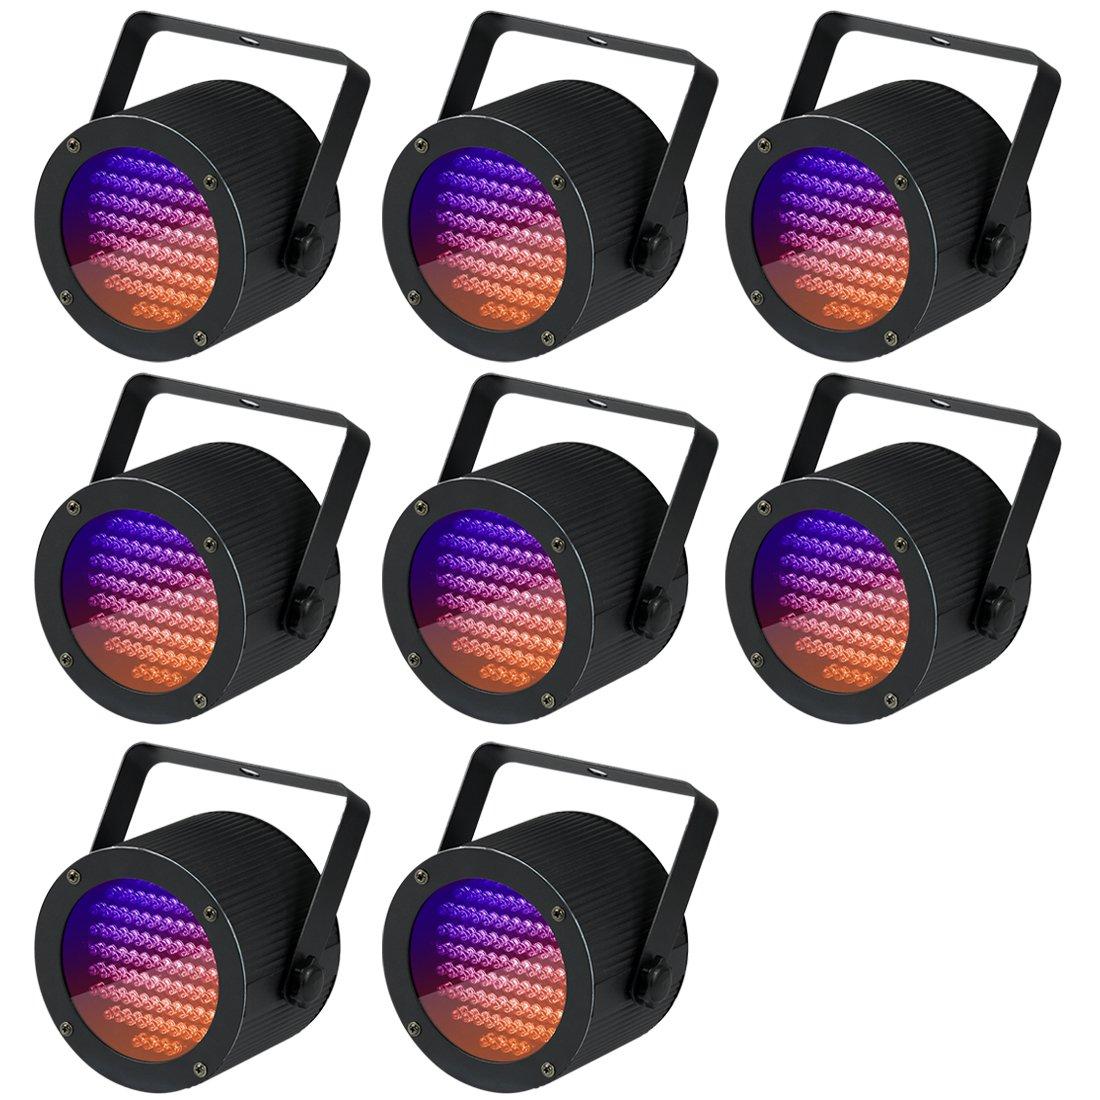 Missyee Stage Lights Disco Lights, Full RGB Color Mixing LED Flat Par Can 86 Leds Par Light (8 pack)